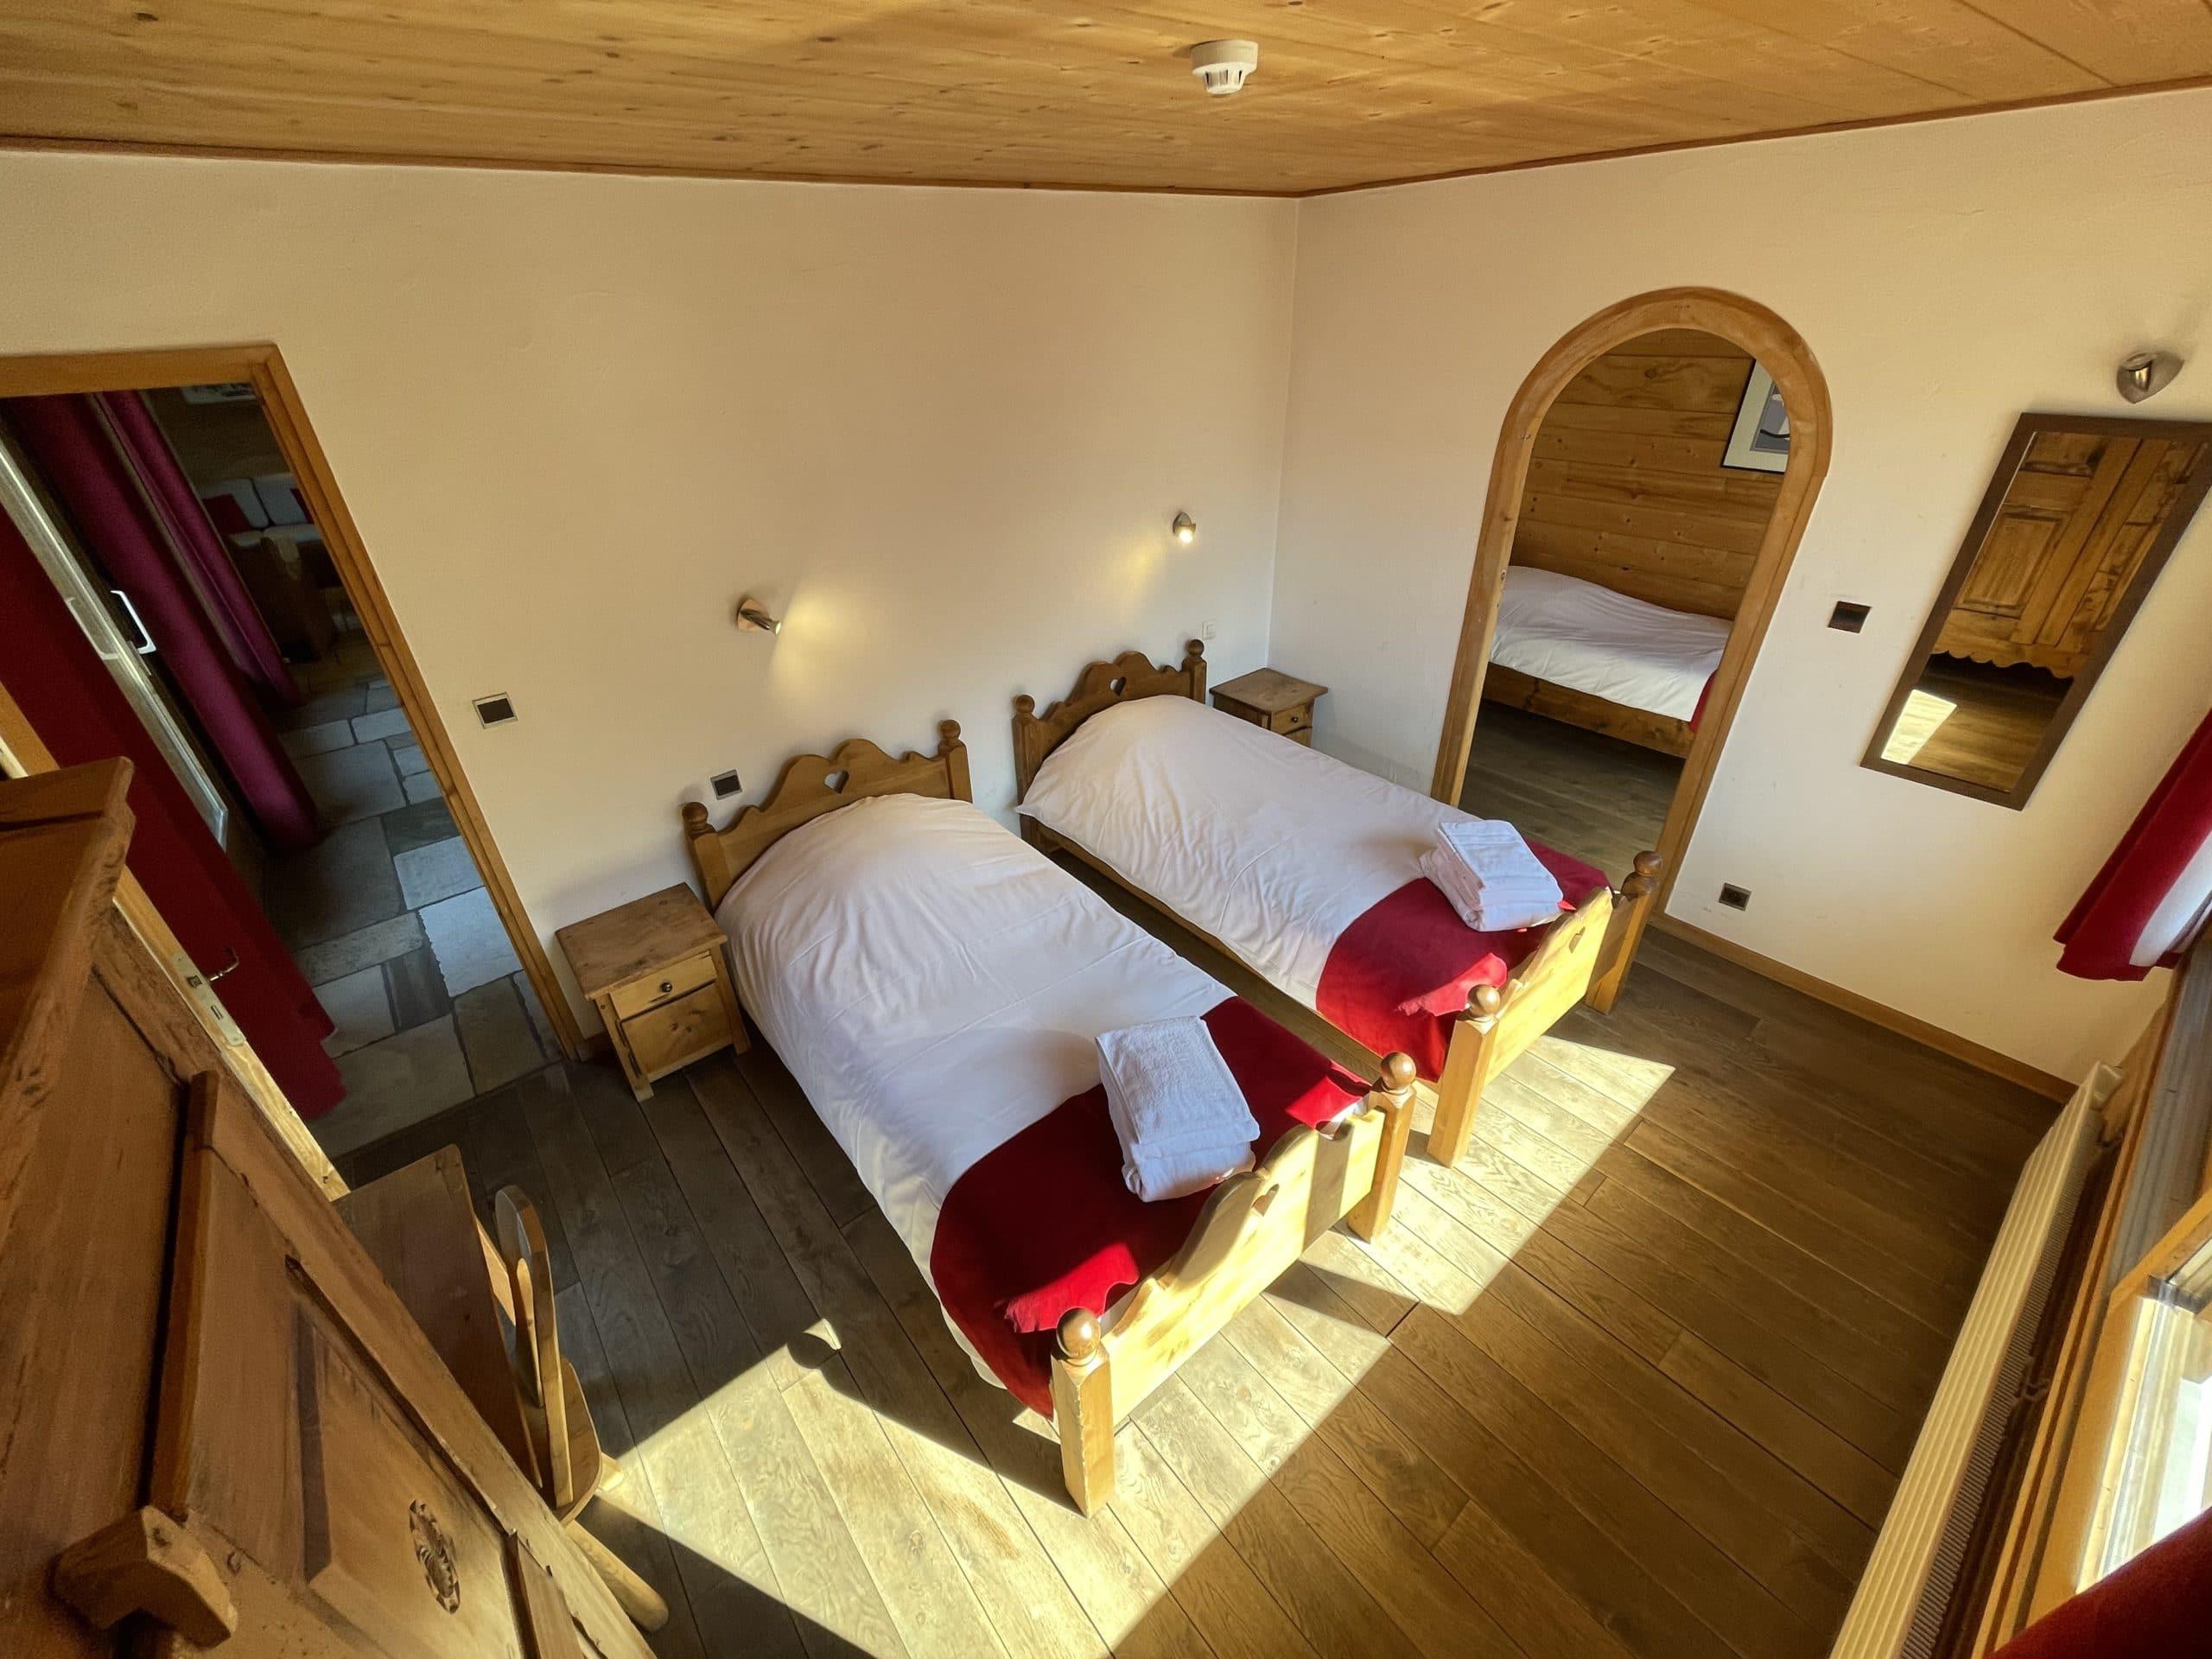 Chambres et salles de bains privatives au chalet de location à Morzine